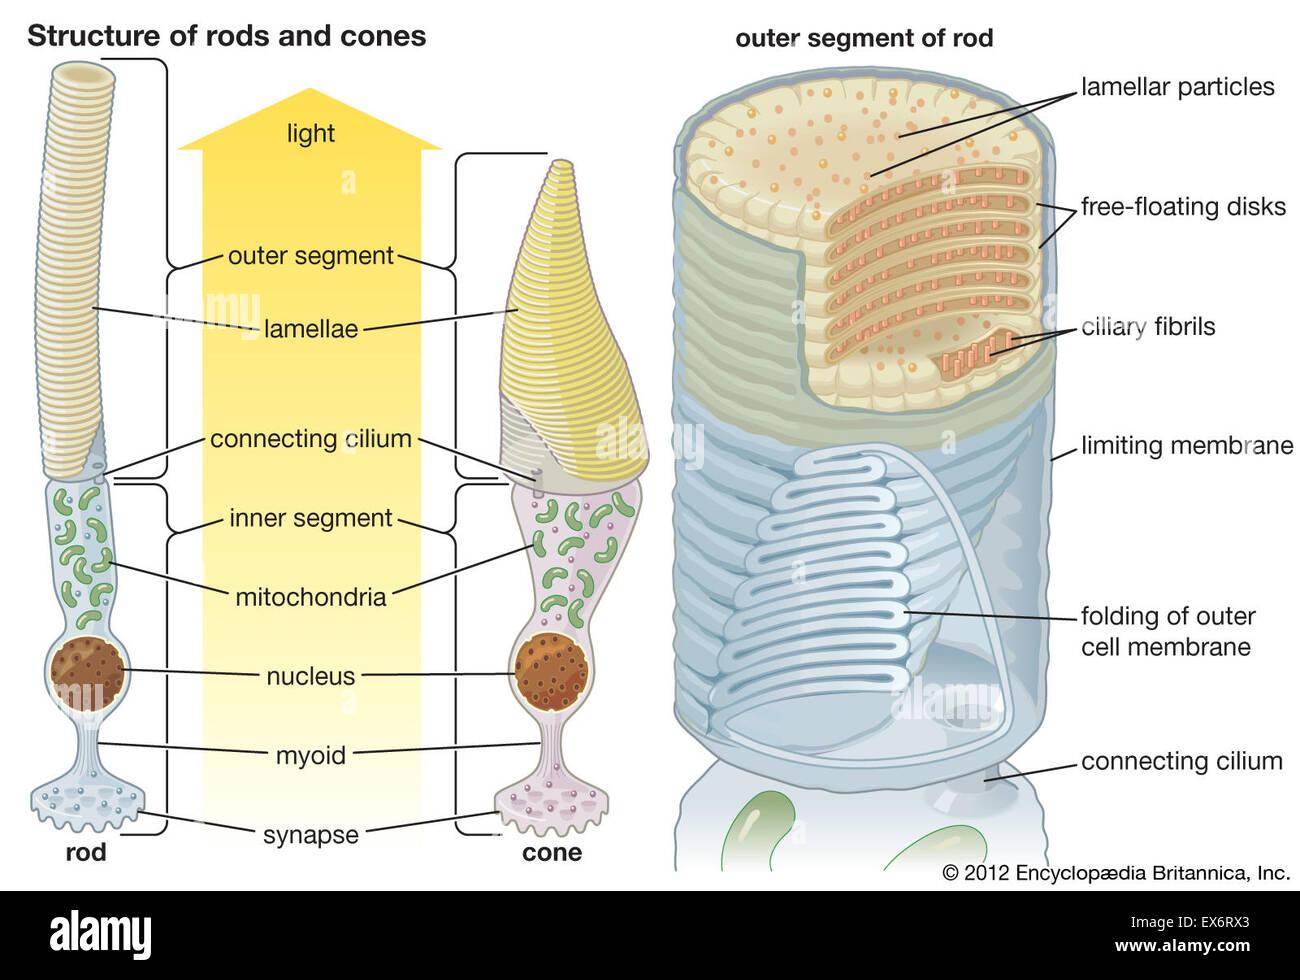 Strukturen der Stäbchen und Zapfen Stockfoto, Bild: 84973003 - Alamy